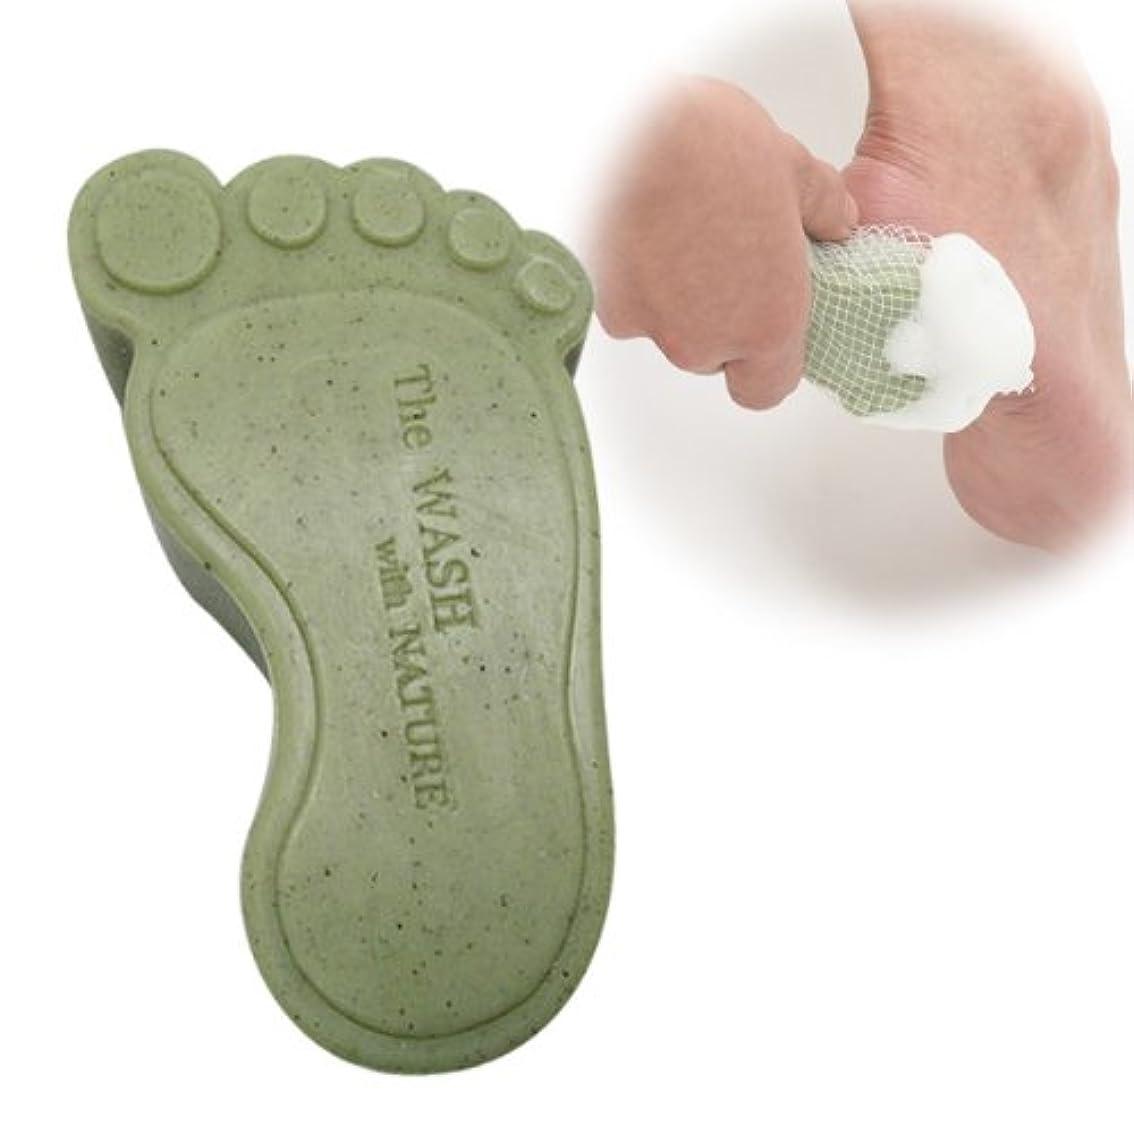 顎条件付きからかう石けん せっけん ひび割れ予防 かかと ヨモギで足裏美人 ヨモフットソープ